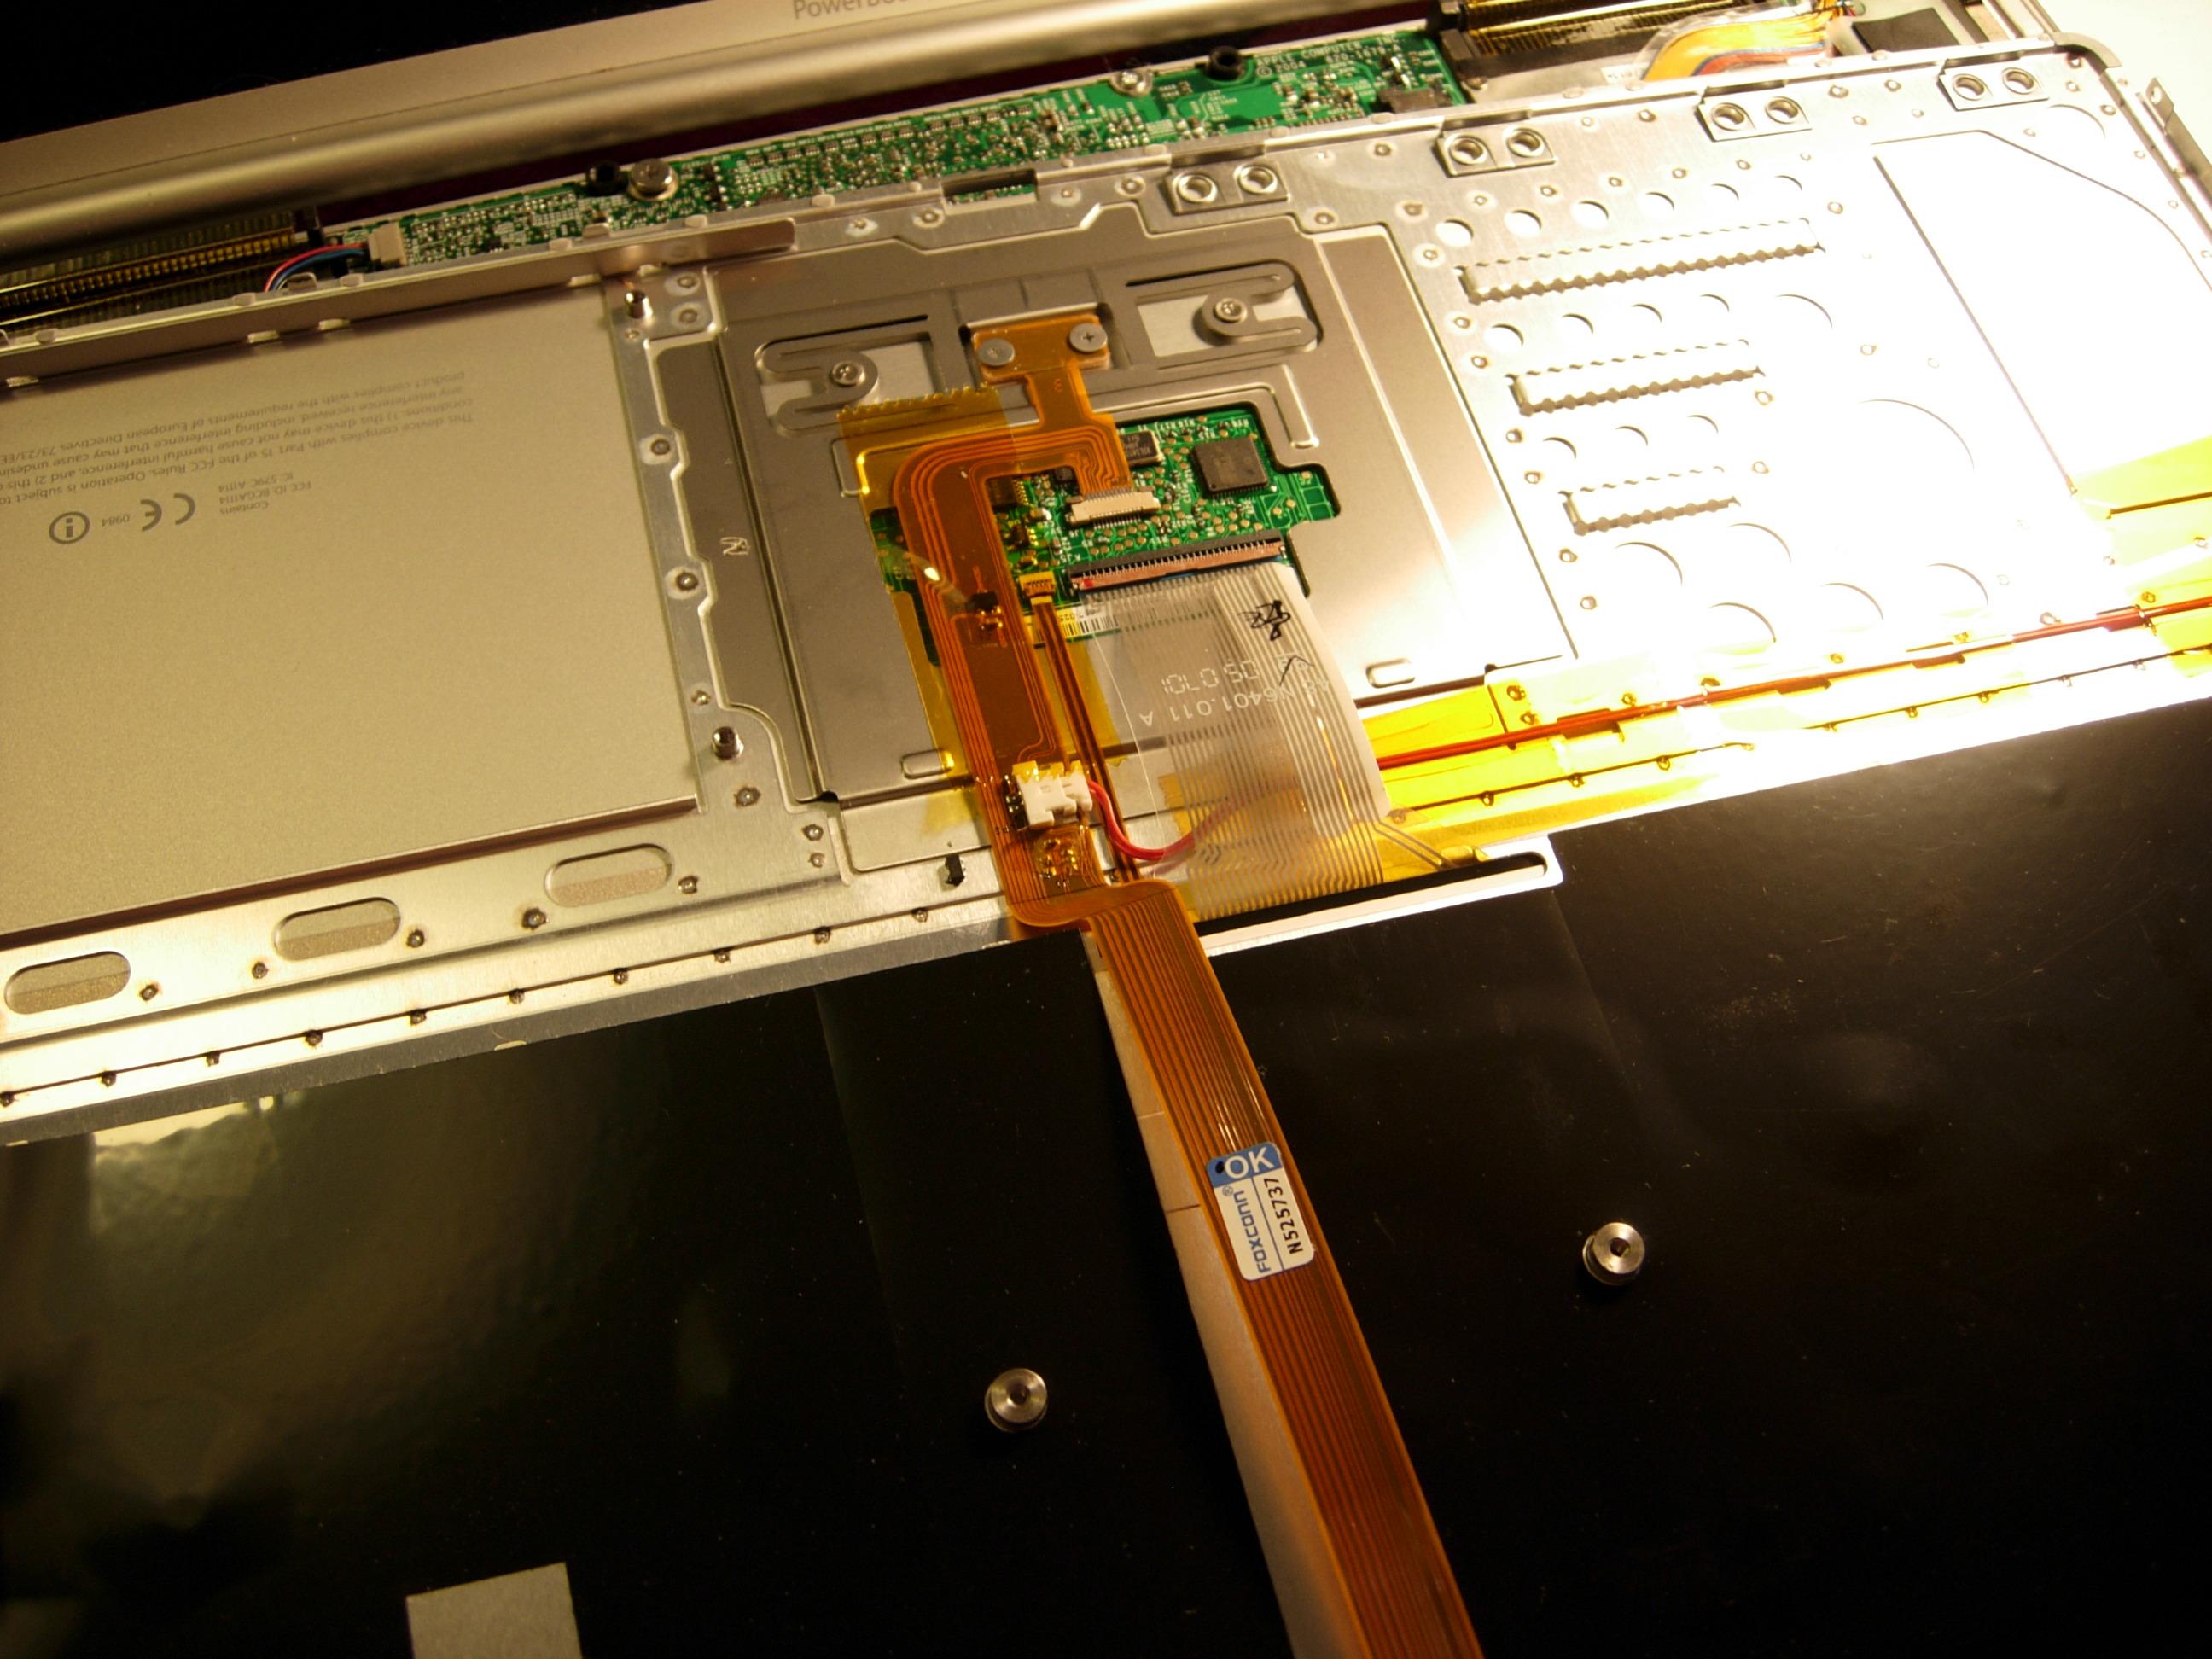 Powerbook G4 Titanium - Boomlecom